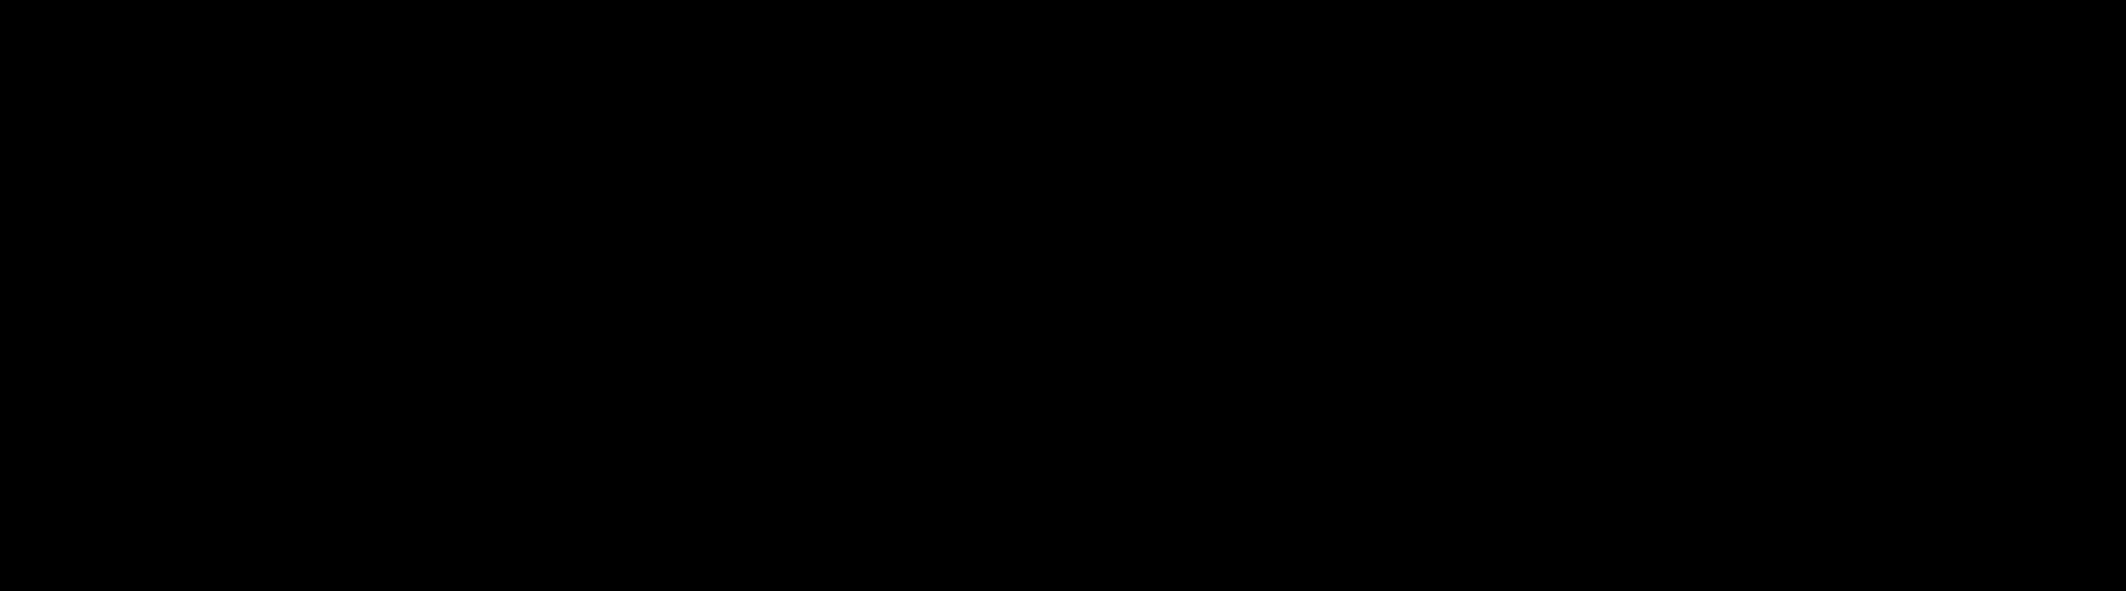 AT40B